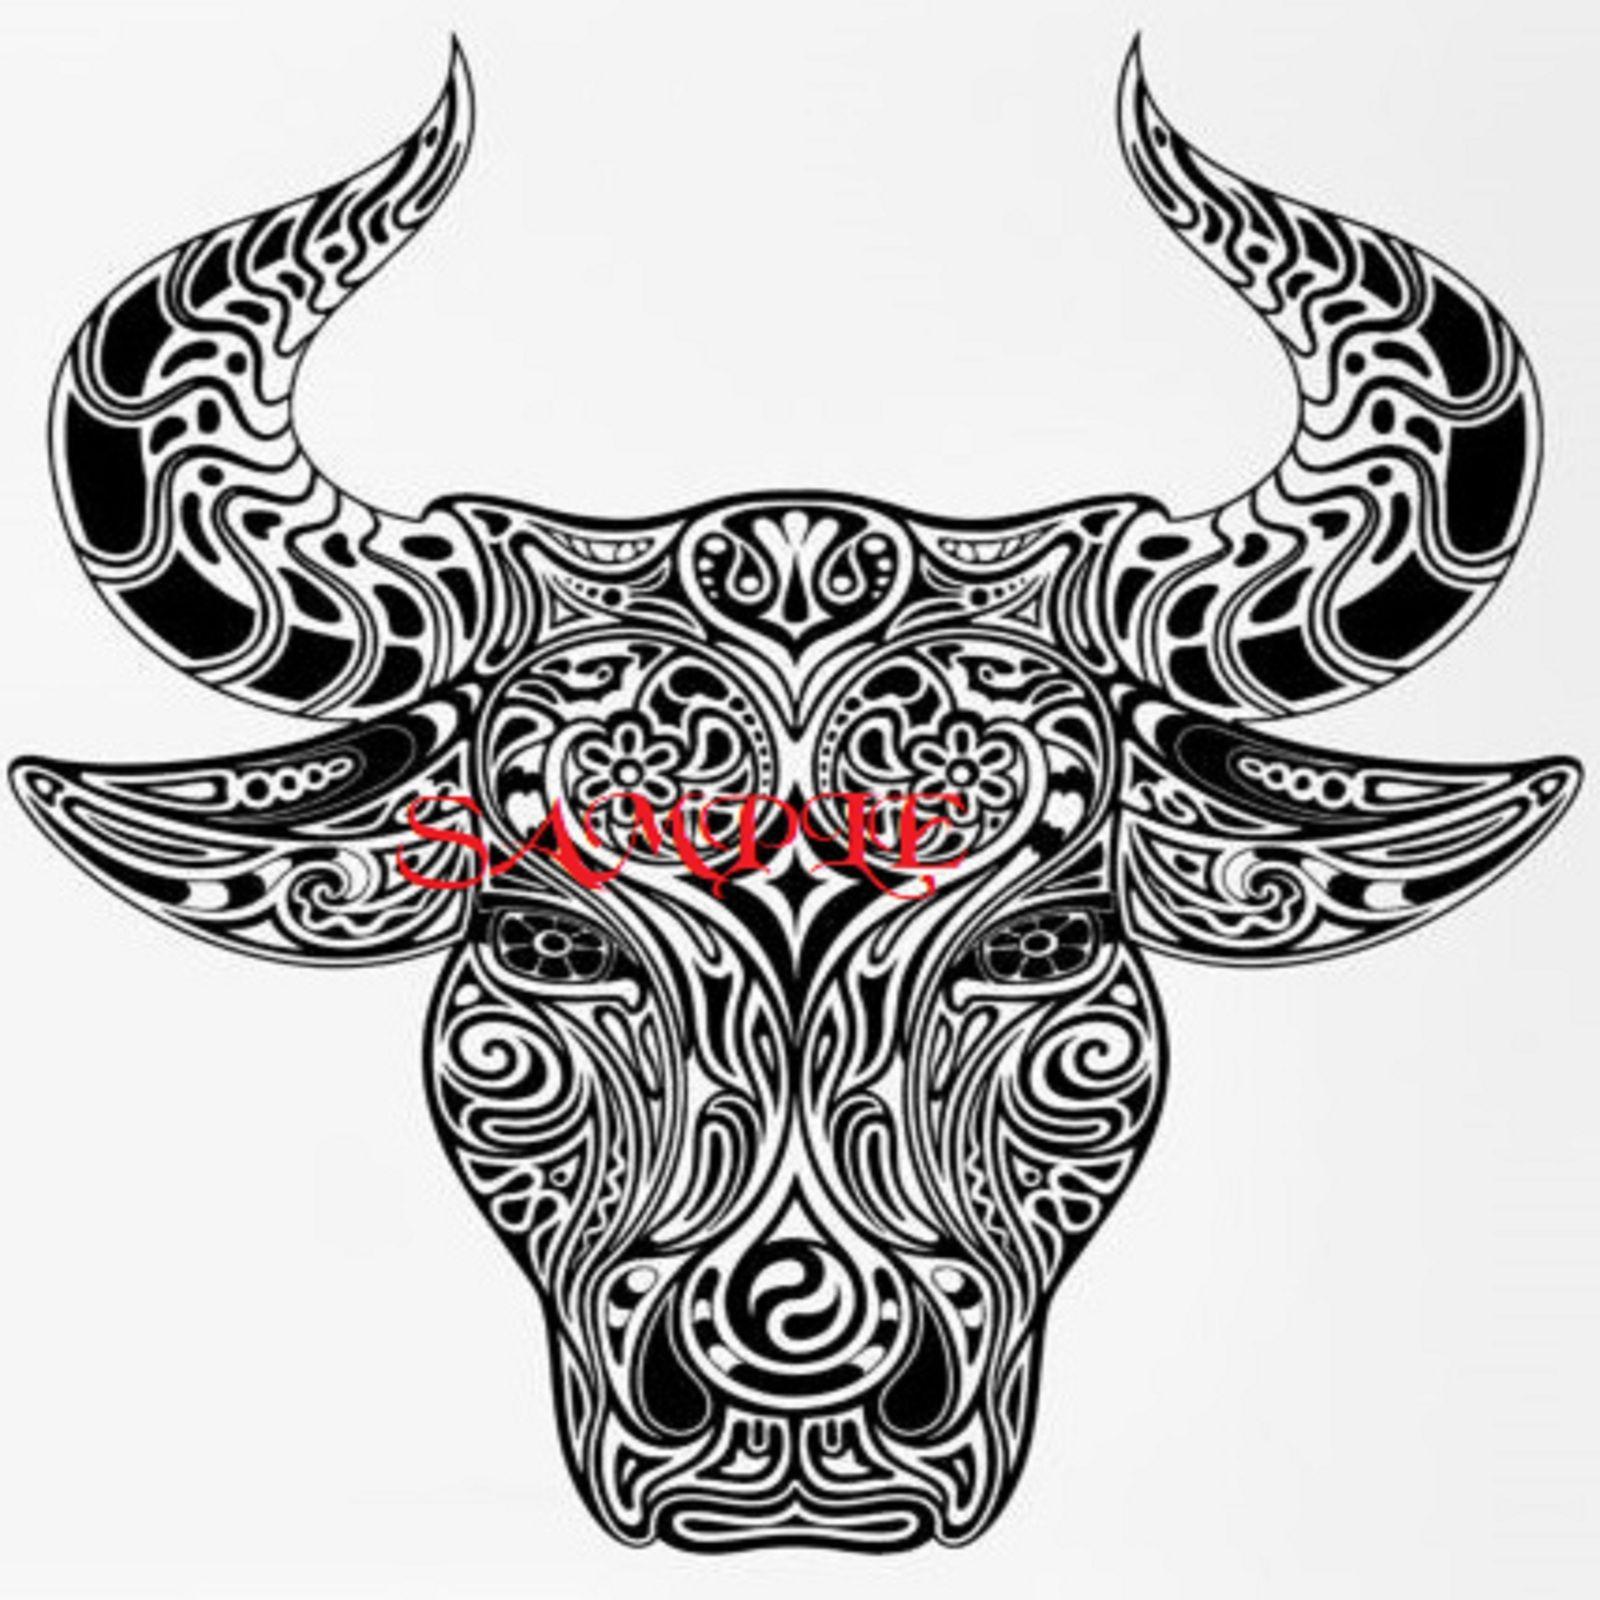 Tribal Bull Head Single Colour Wild Animals Pdf Cross Stitch Chart Bull Tattoos Maori Tattoo Taurus Tattoos